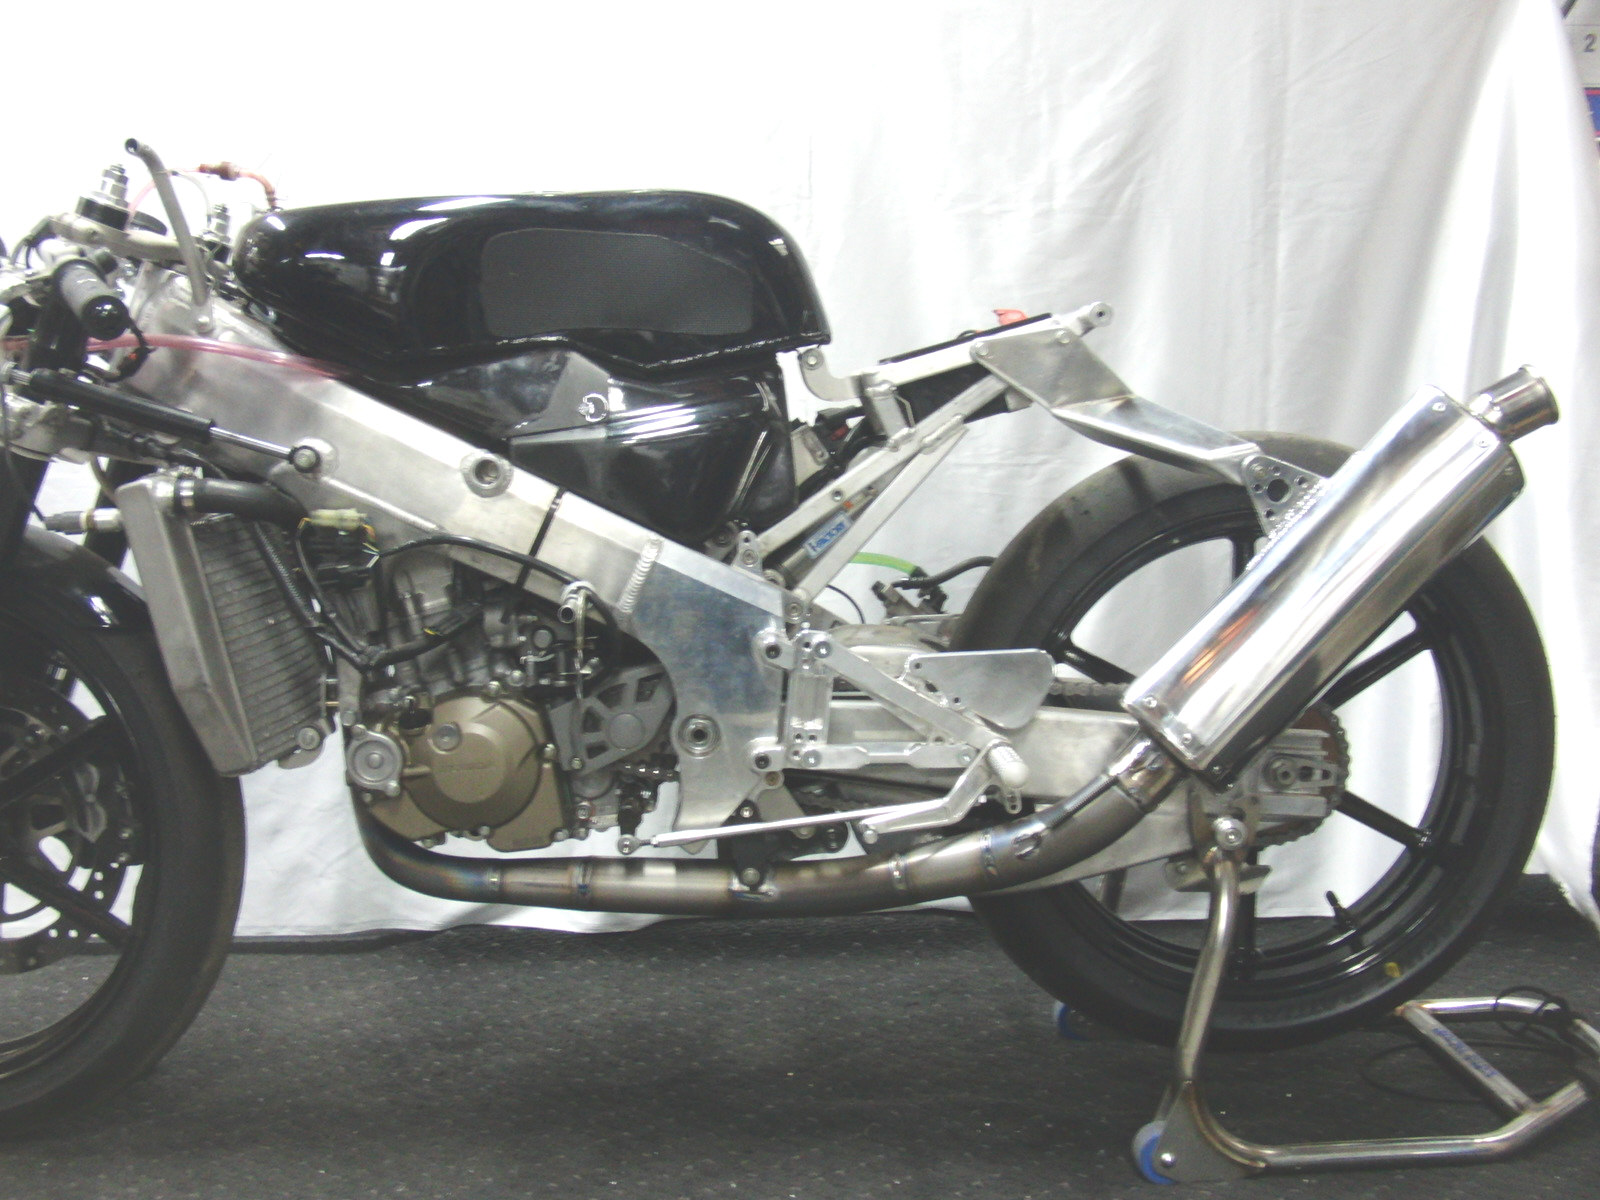 http://www.precious-factory.com/preciousfactory2010/CIMG2136.JPG